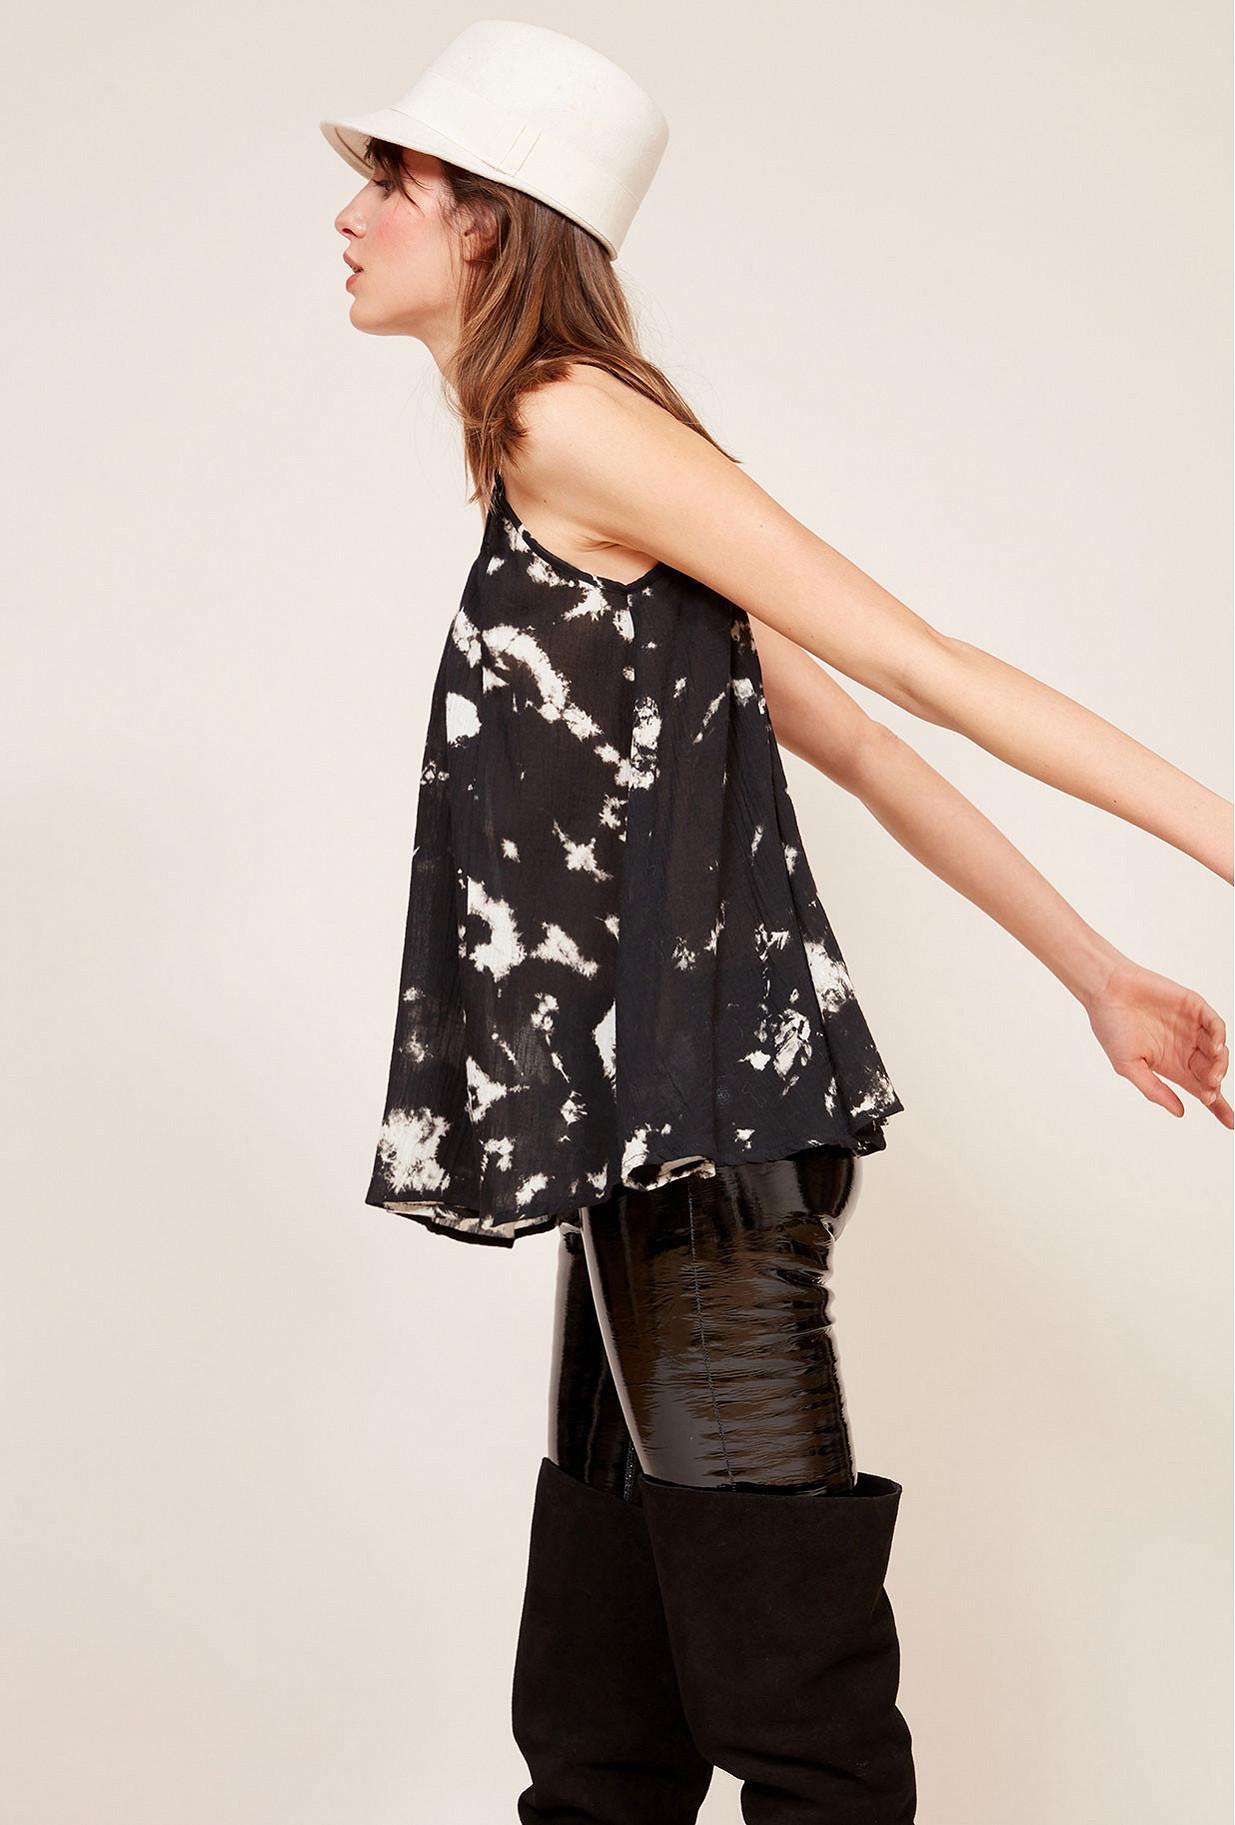 Paris boutique de mode vêtement Top créateur bohème  Pat